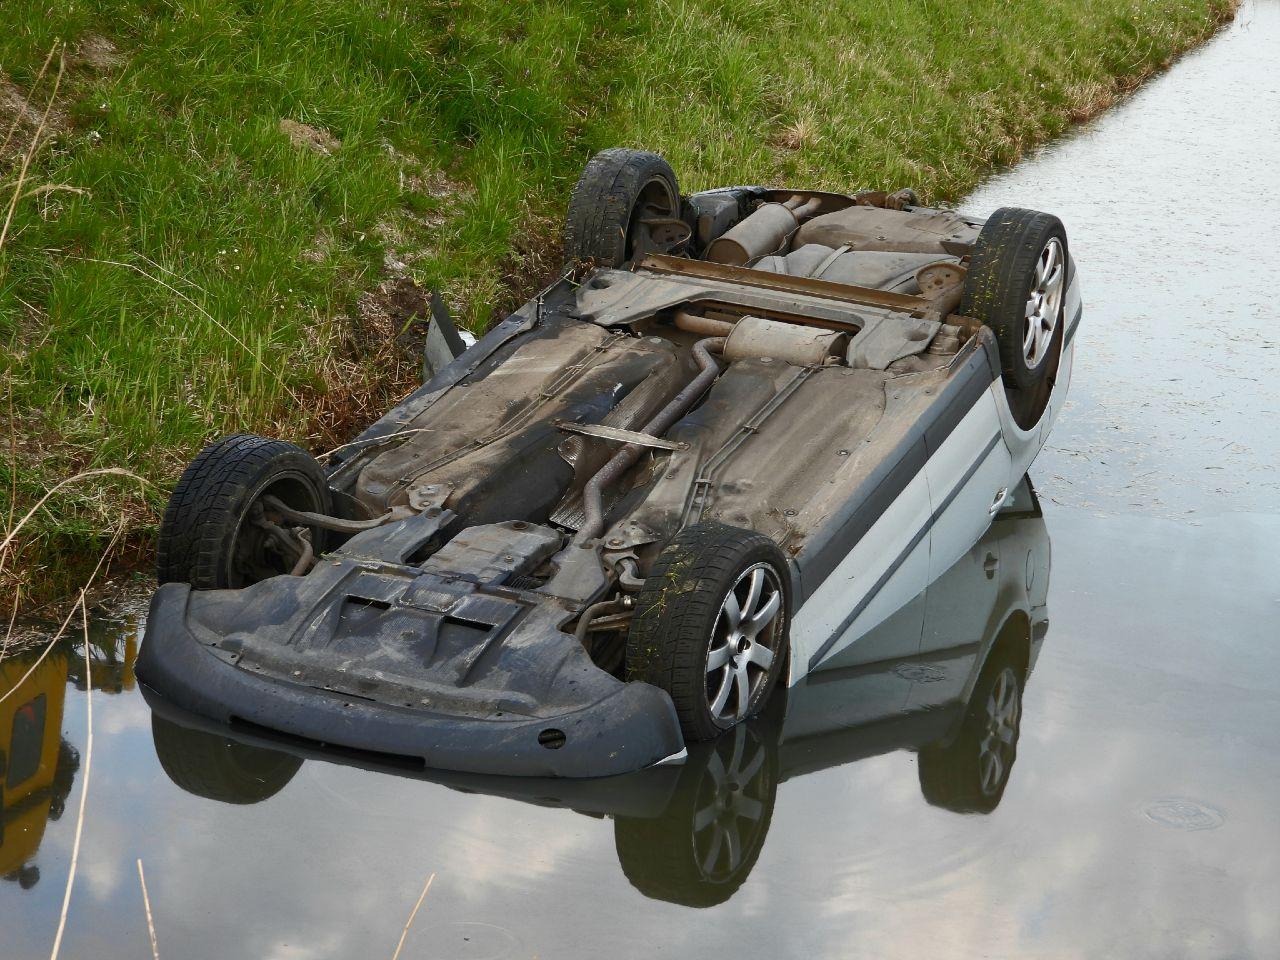 Auto met drie inzittenden belandt op z'n kop in een sloot